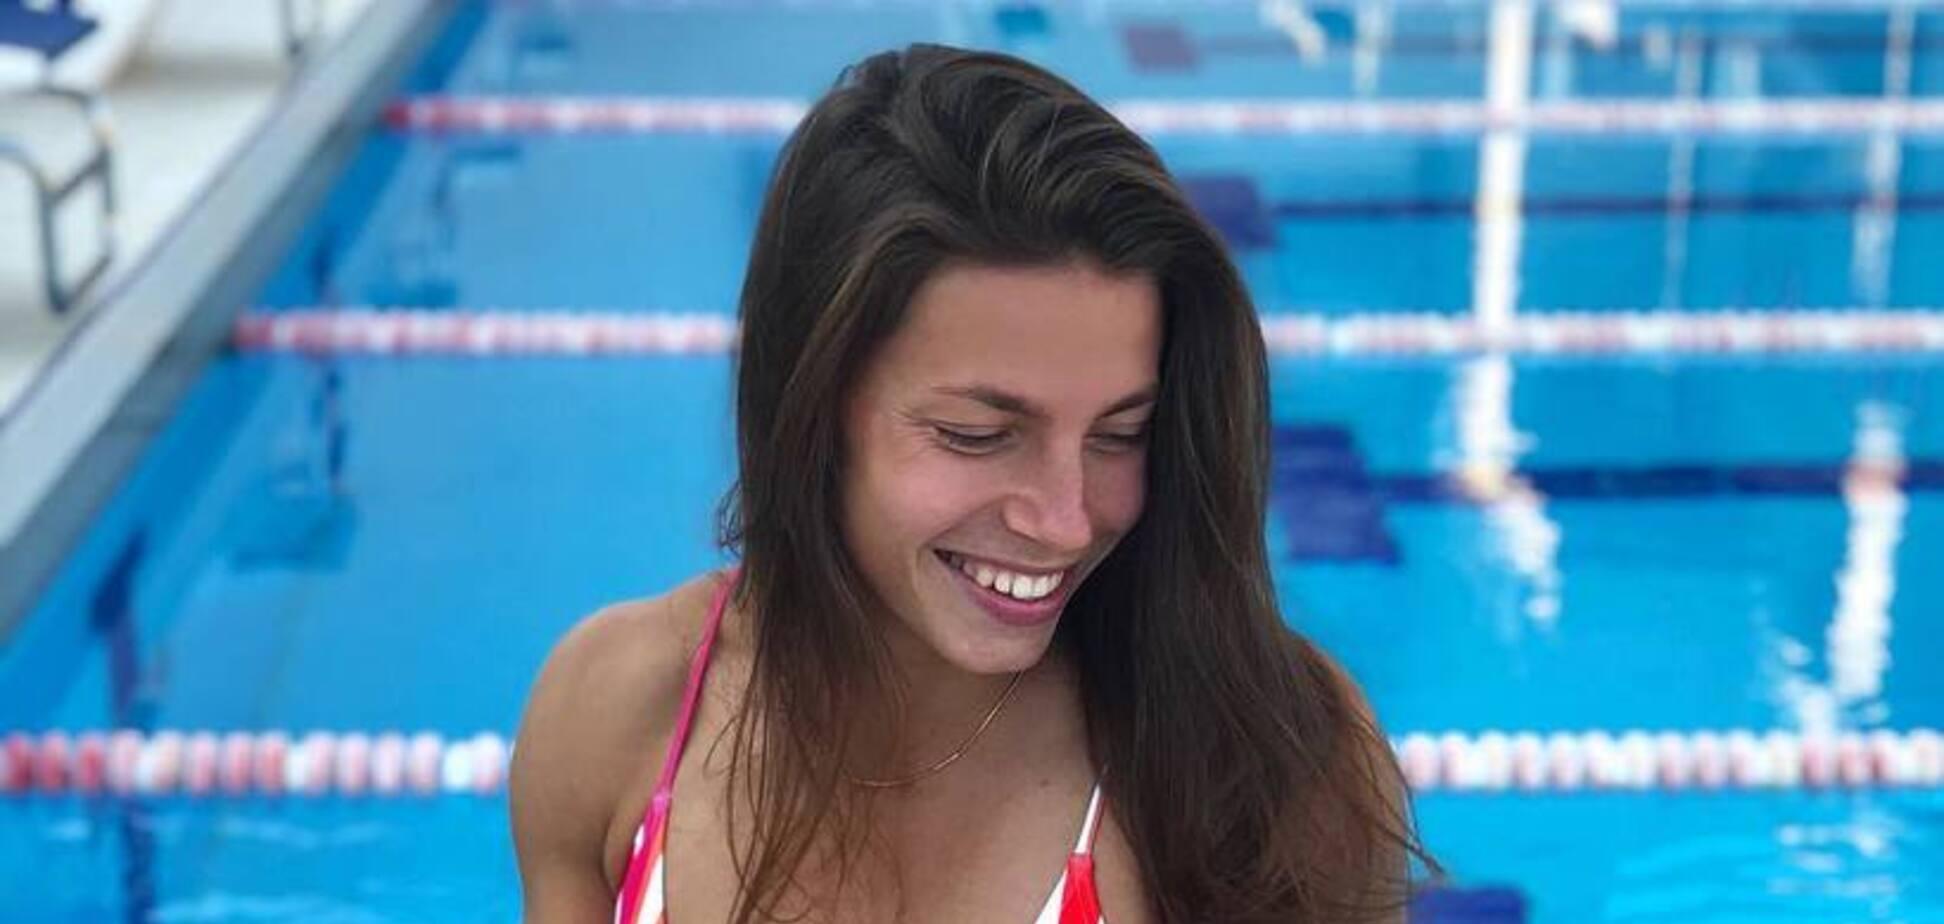 ''Я в ах*ї'': українська спортсменка вразила мережу напівголим фото